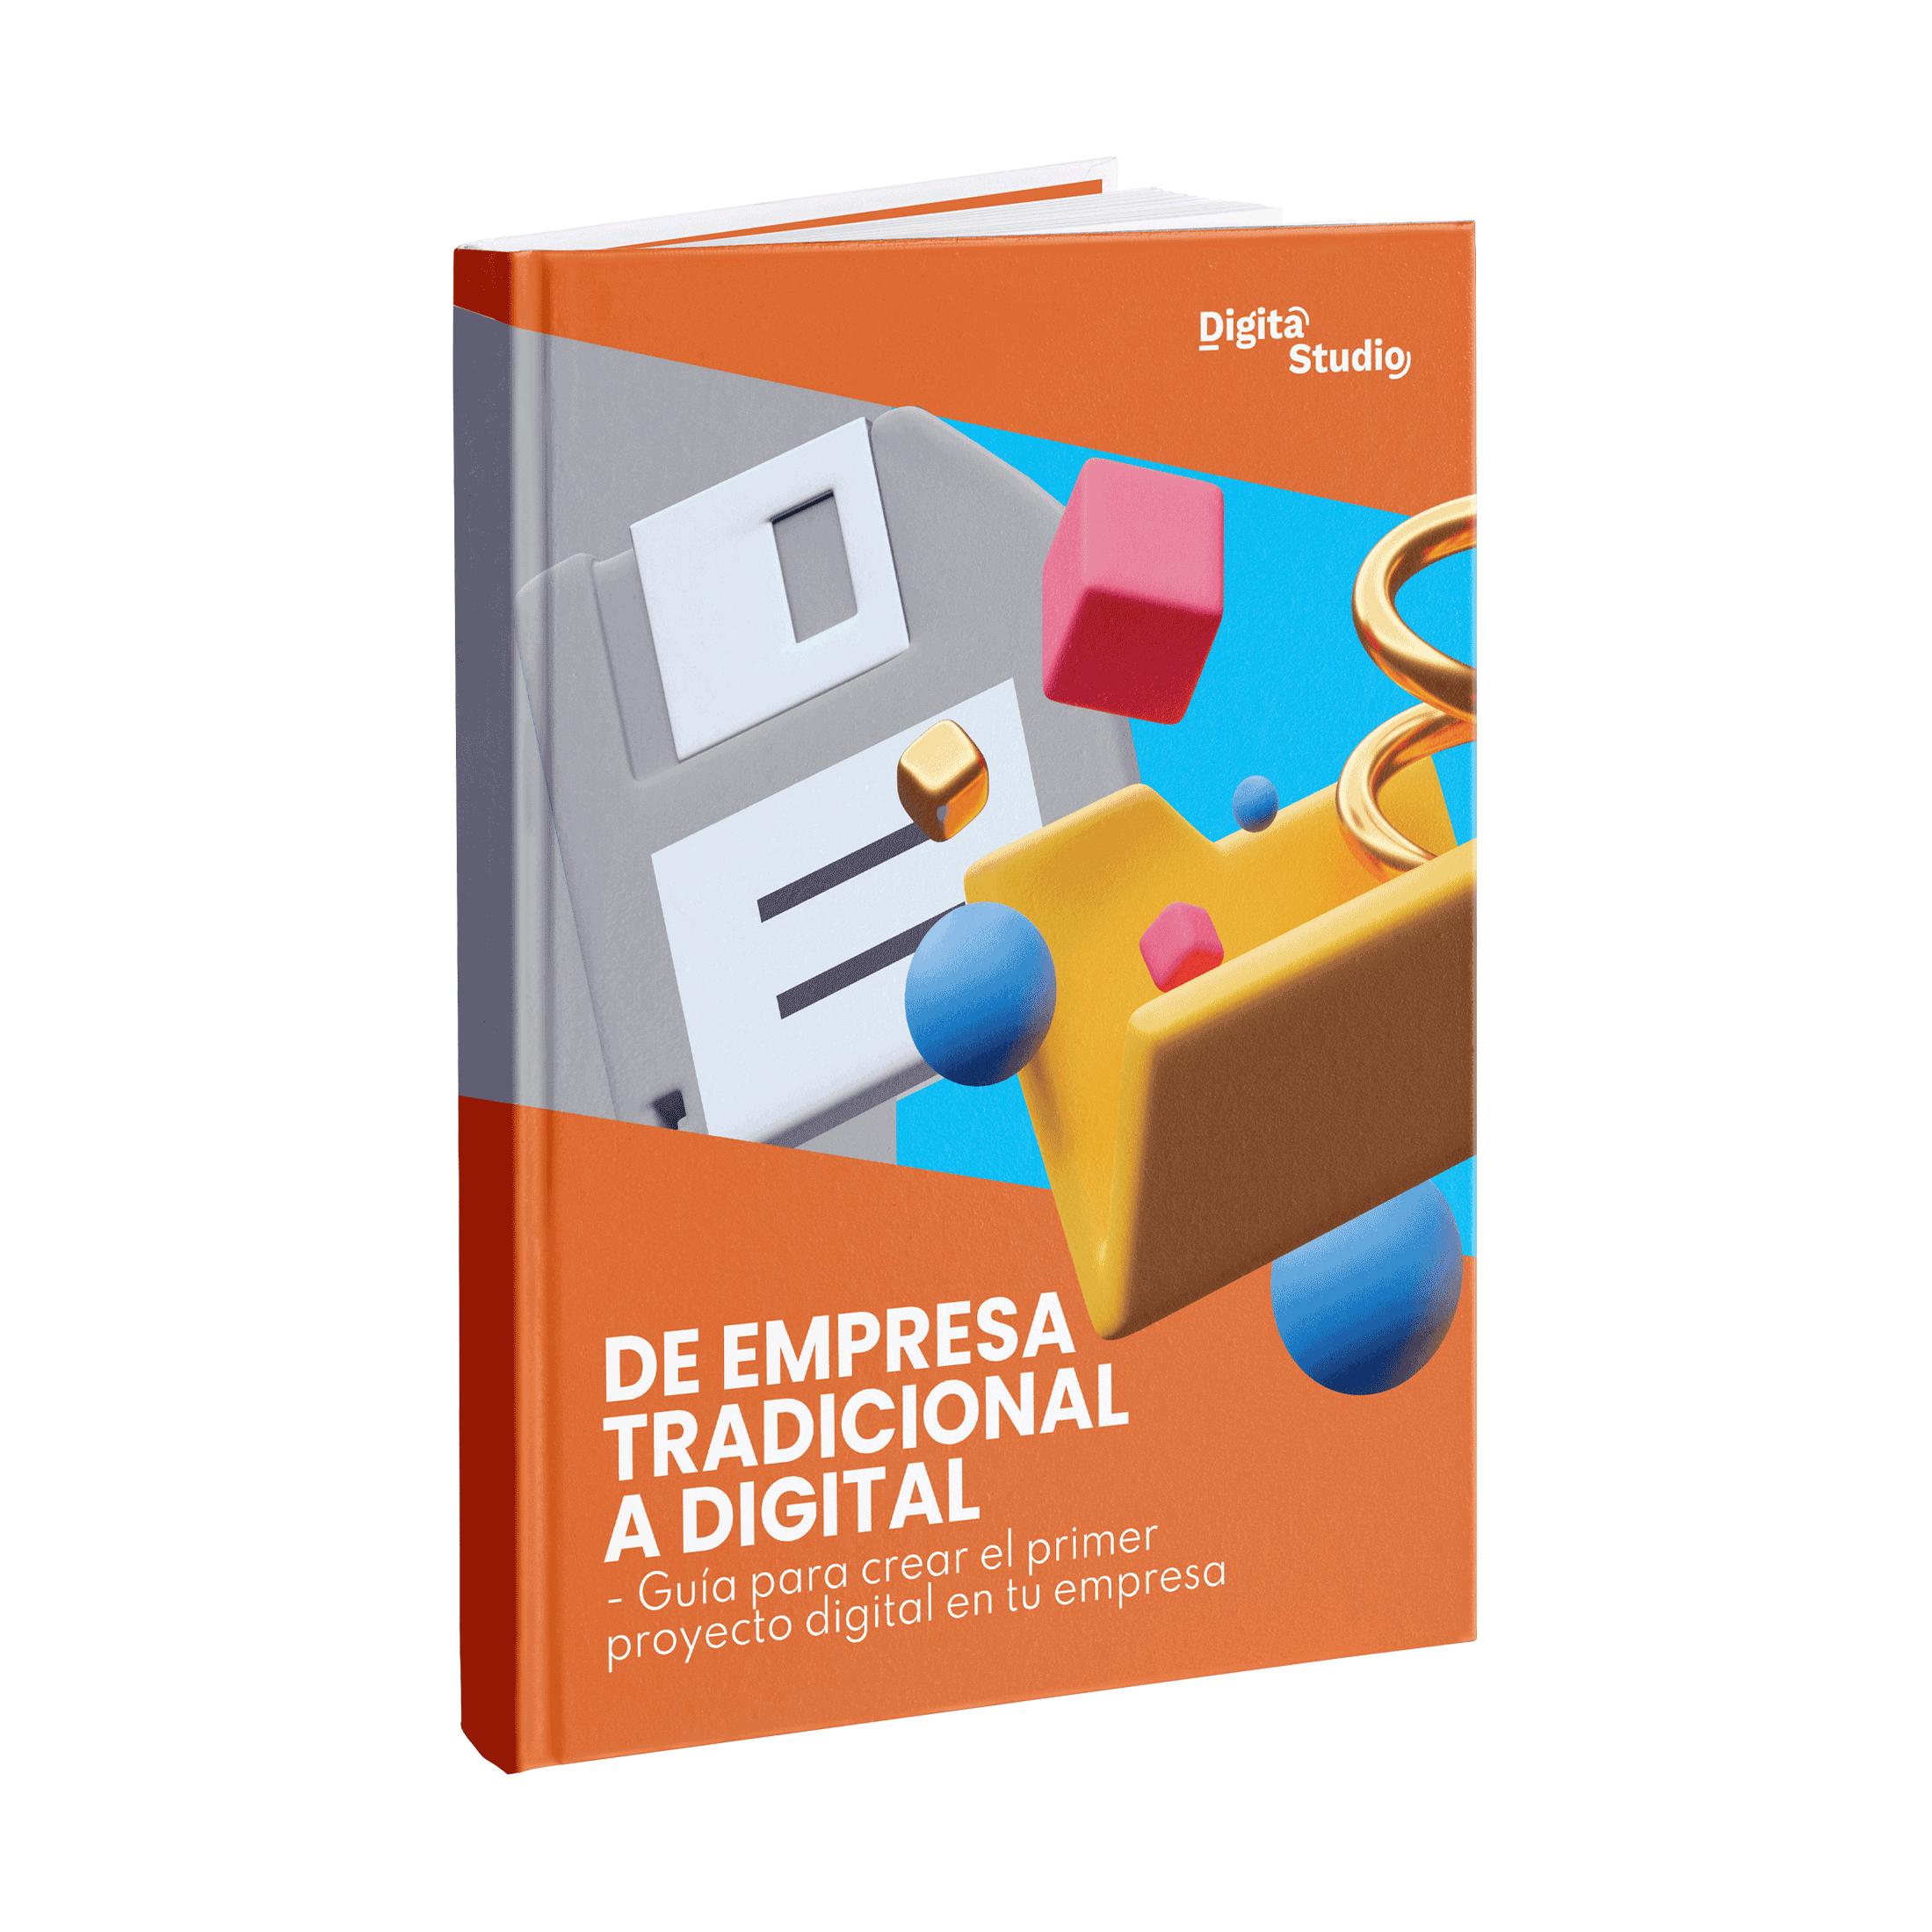 Ebook de Empresa Tradicional a Digital